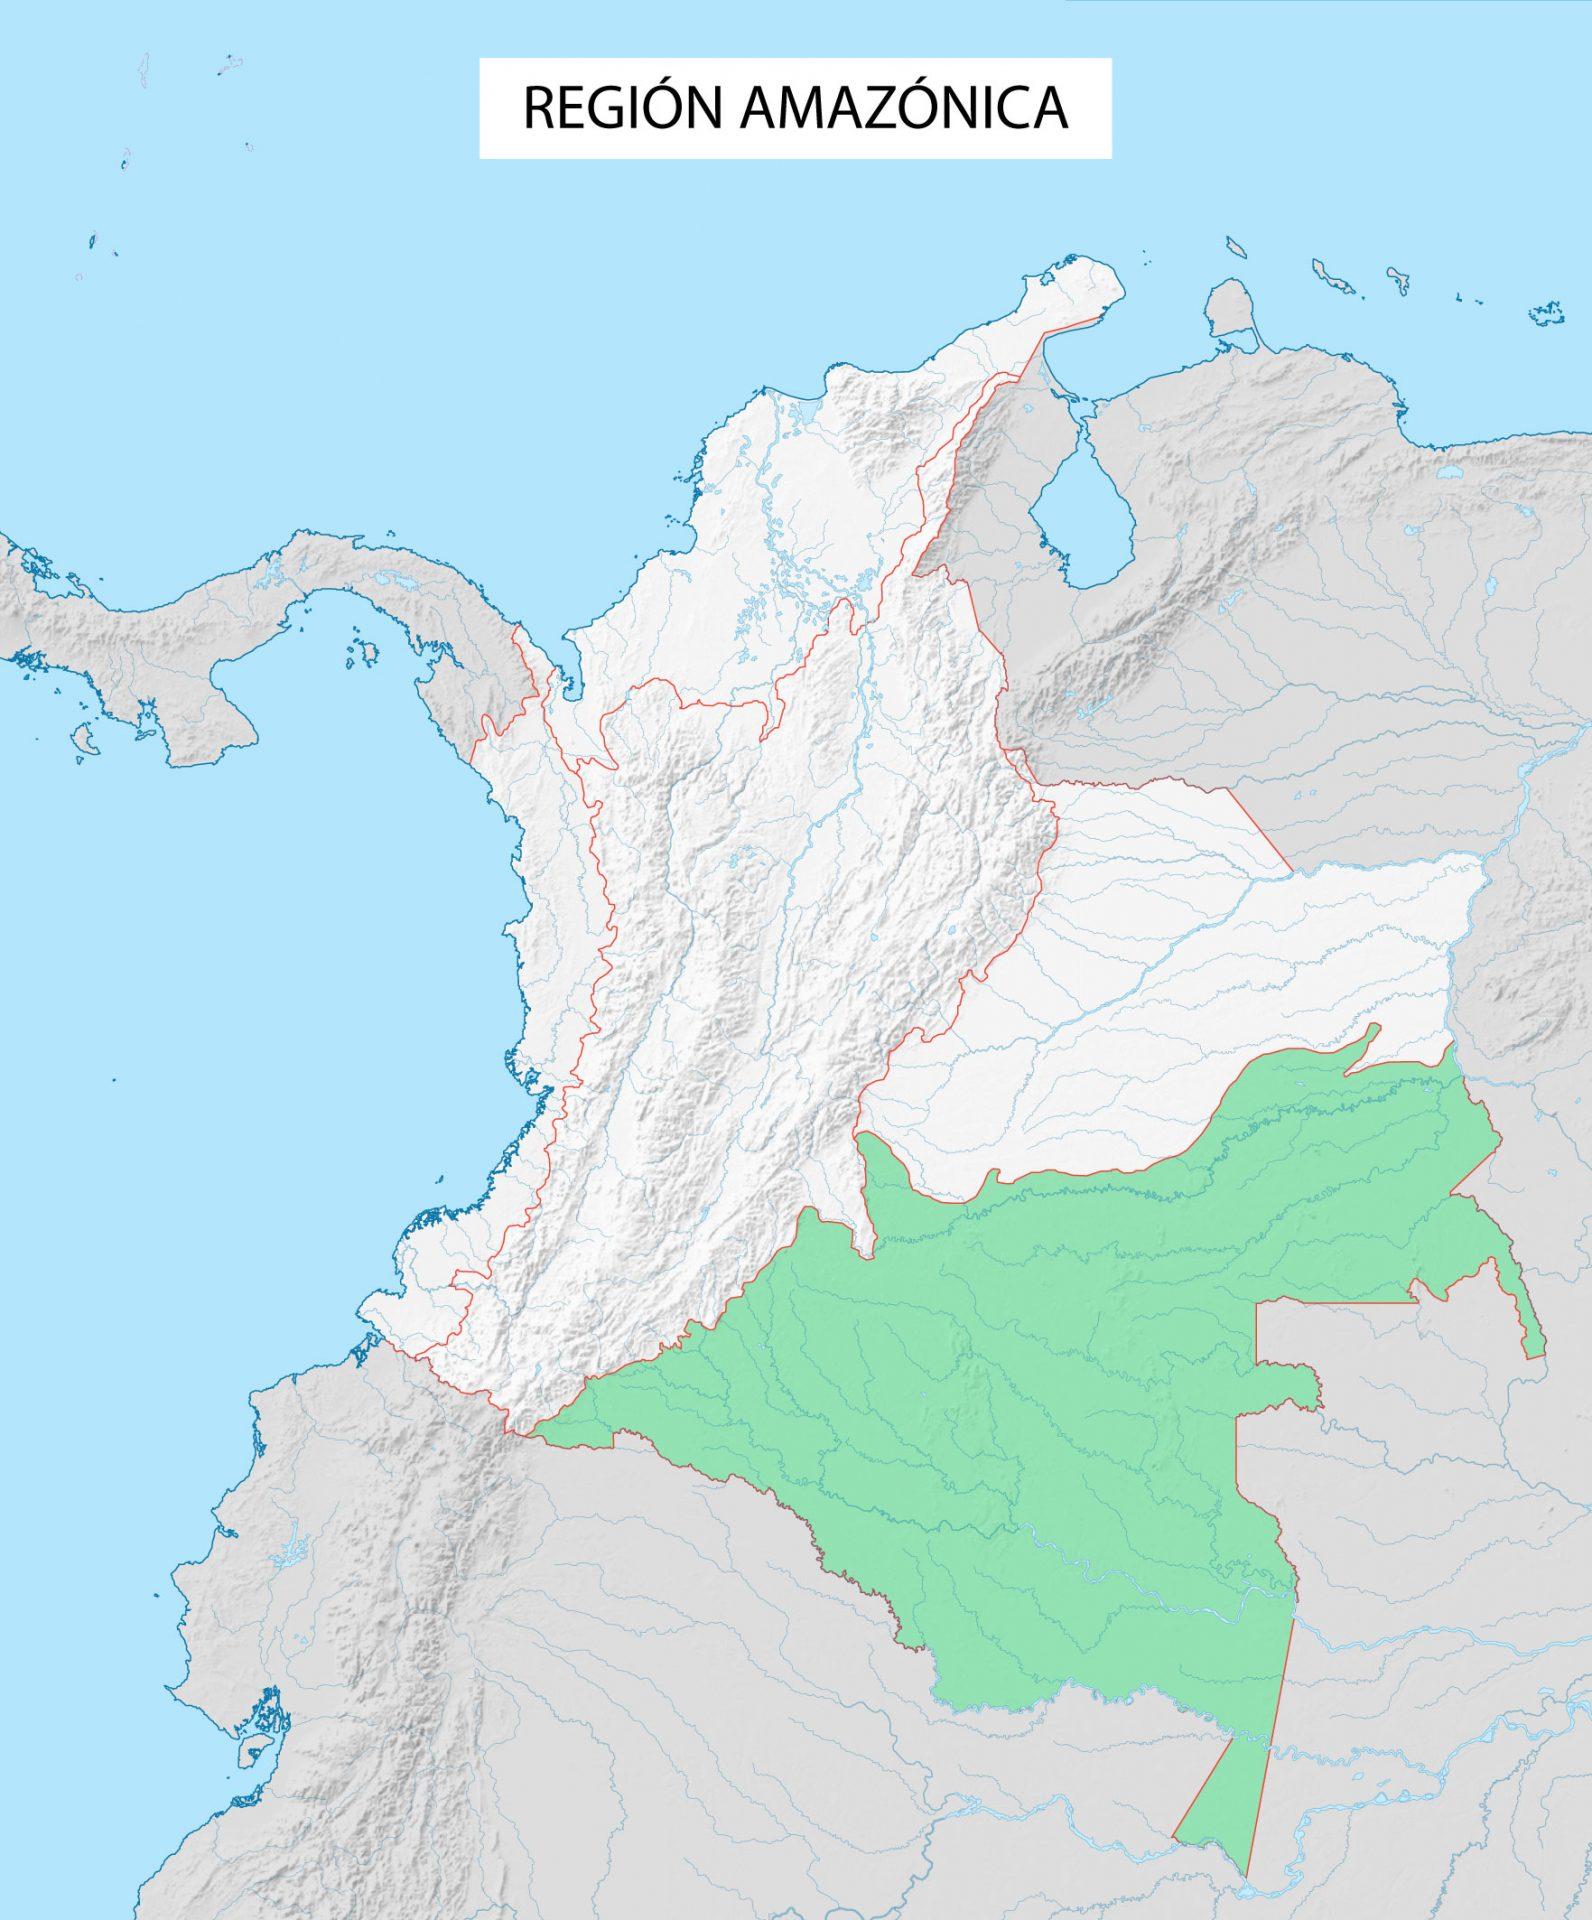 región amazónica amazonia colombia region amazonica